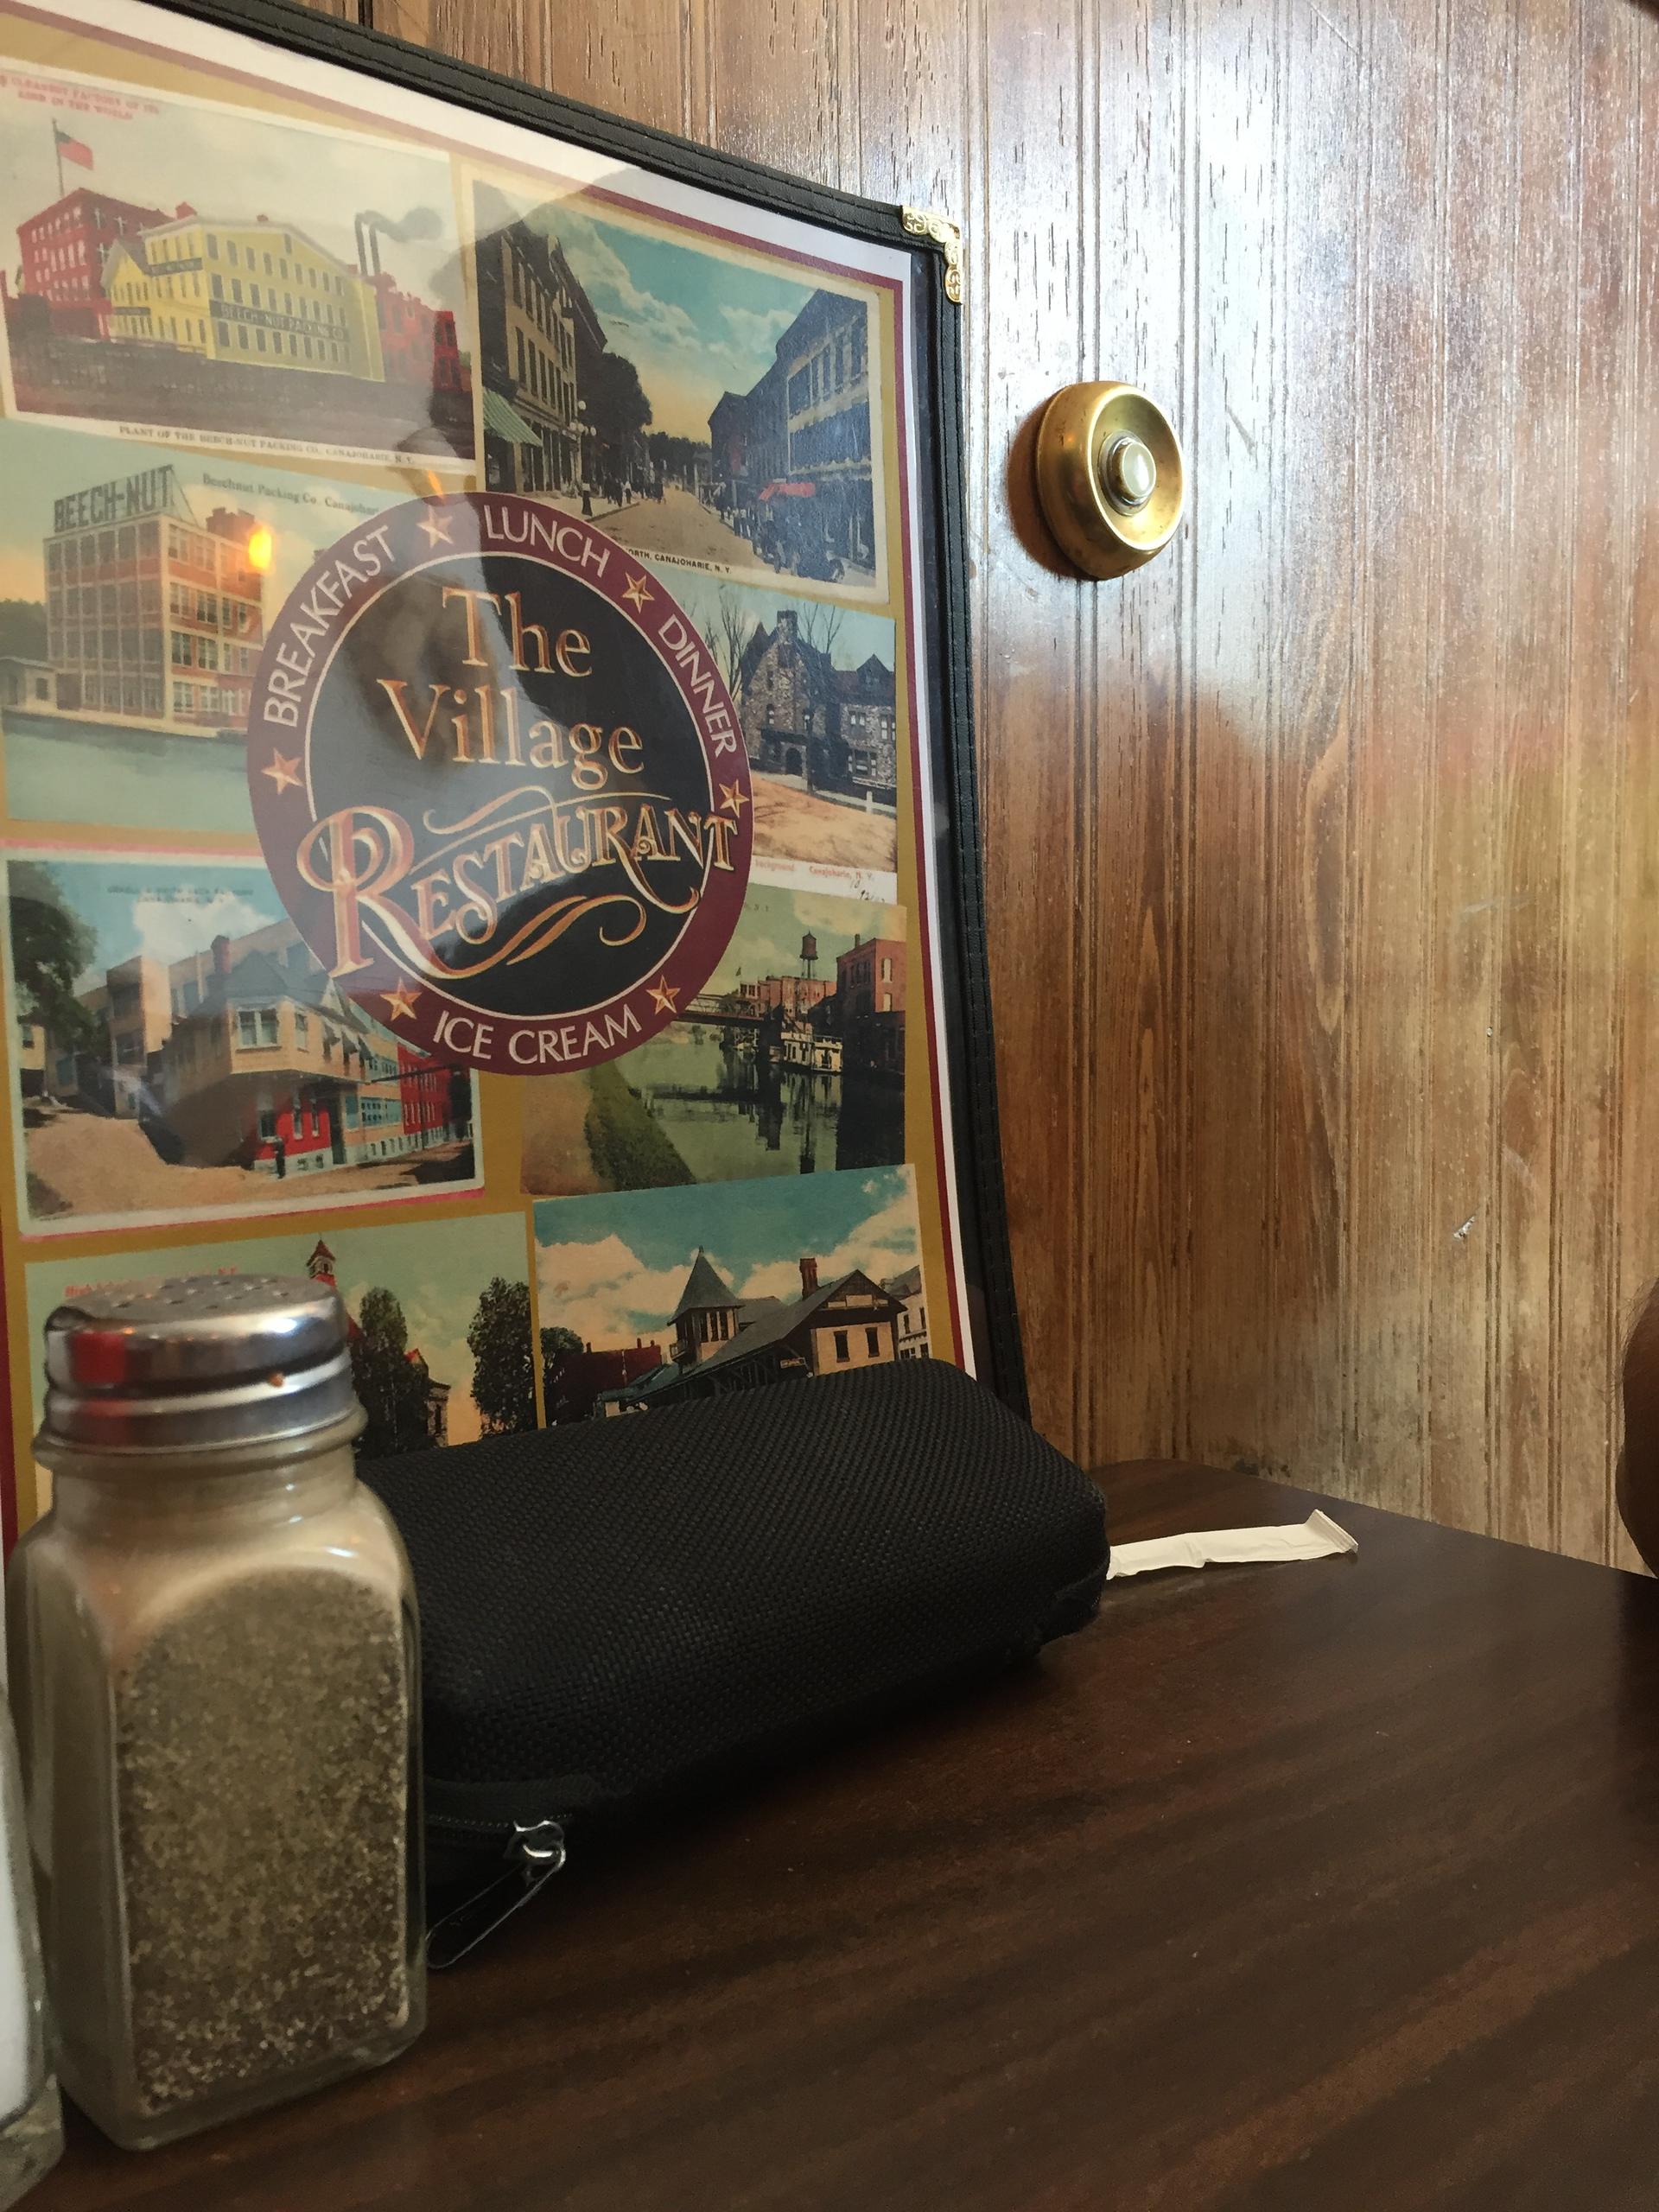 Doorbells to call your waitress